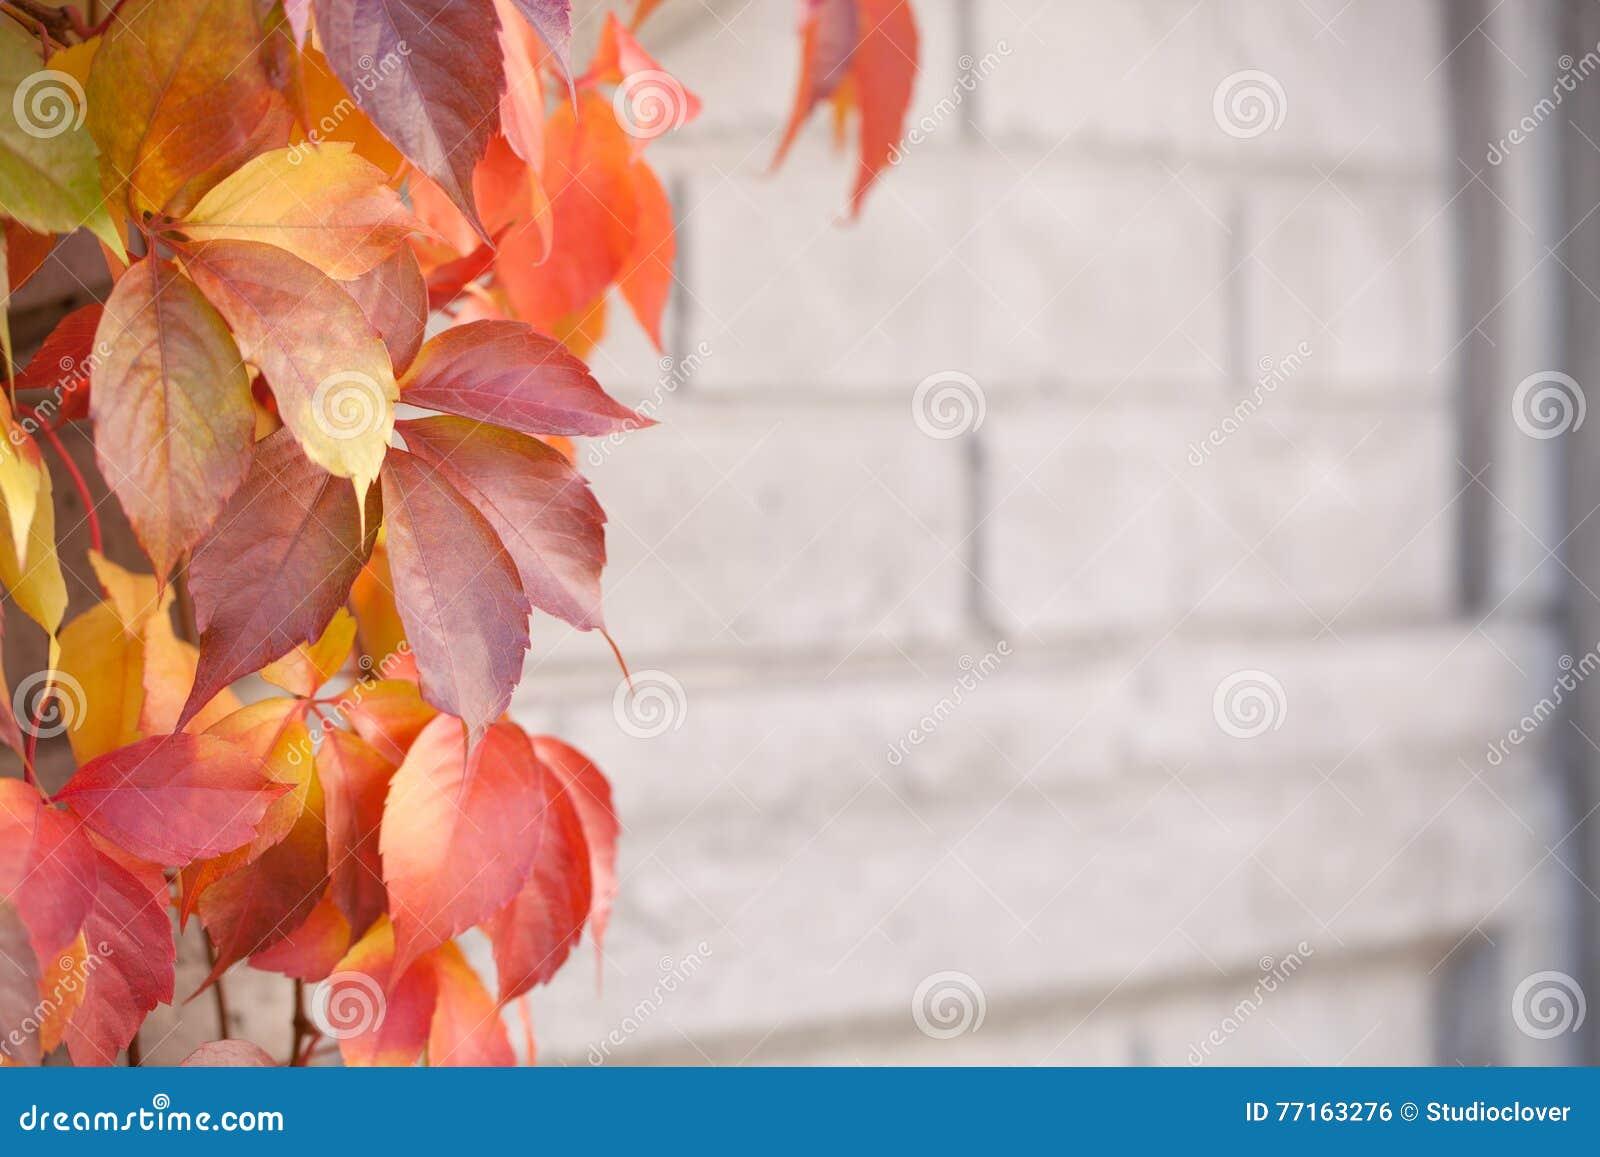 Couleur changeante de feuilles d arbre sauvage de raisin en automne tôt - concentrez sur des feuilles